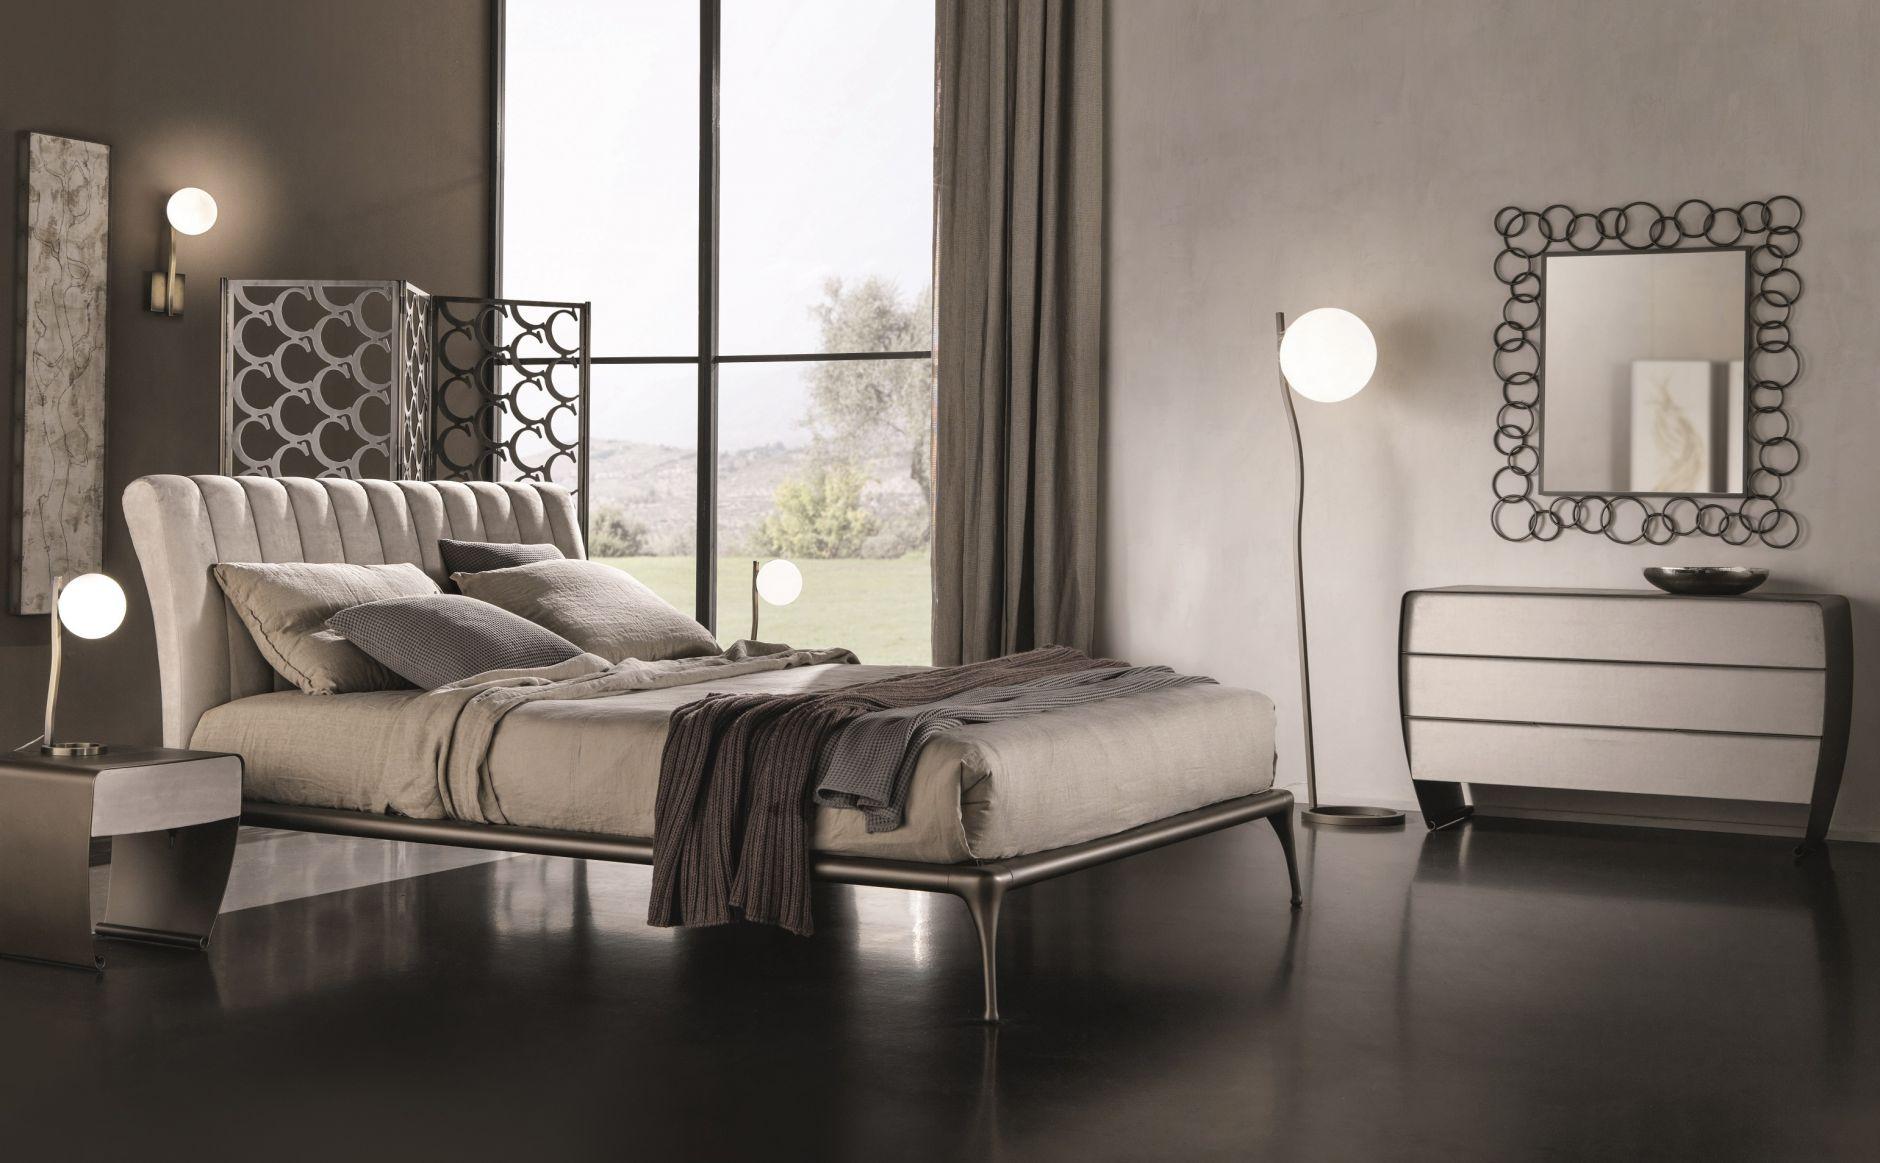 Muebles Neocl Sicos Dormitorio Cantori Iseo Seriemuebles De Italia # Muebles Neoclasicos